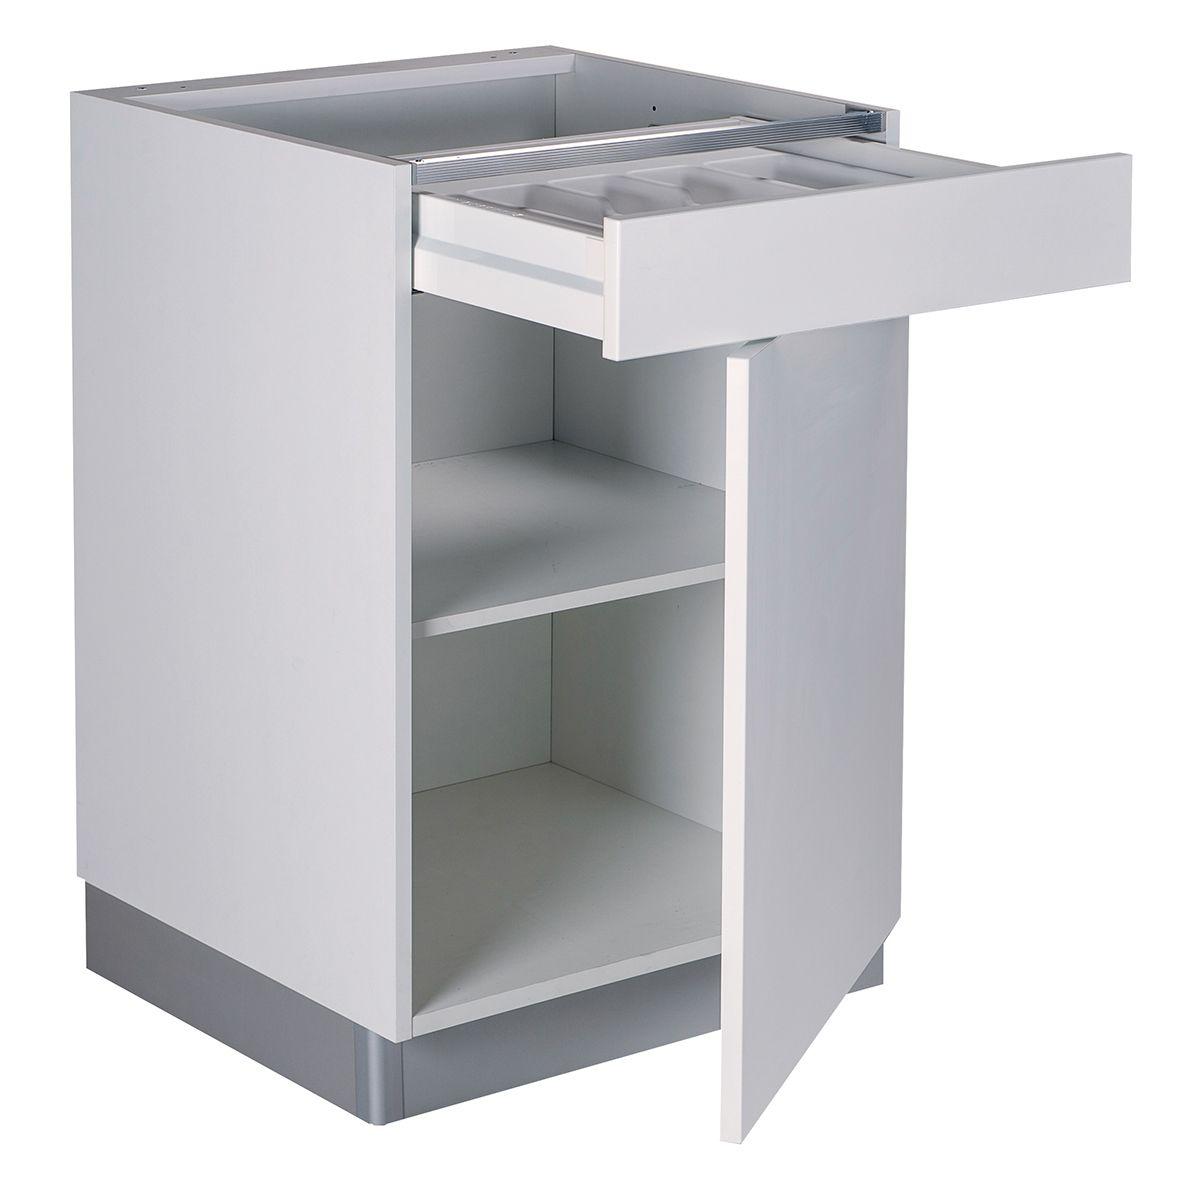 Accessoires cuisines teisseire - Accessoire tiroir cuisine ...